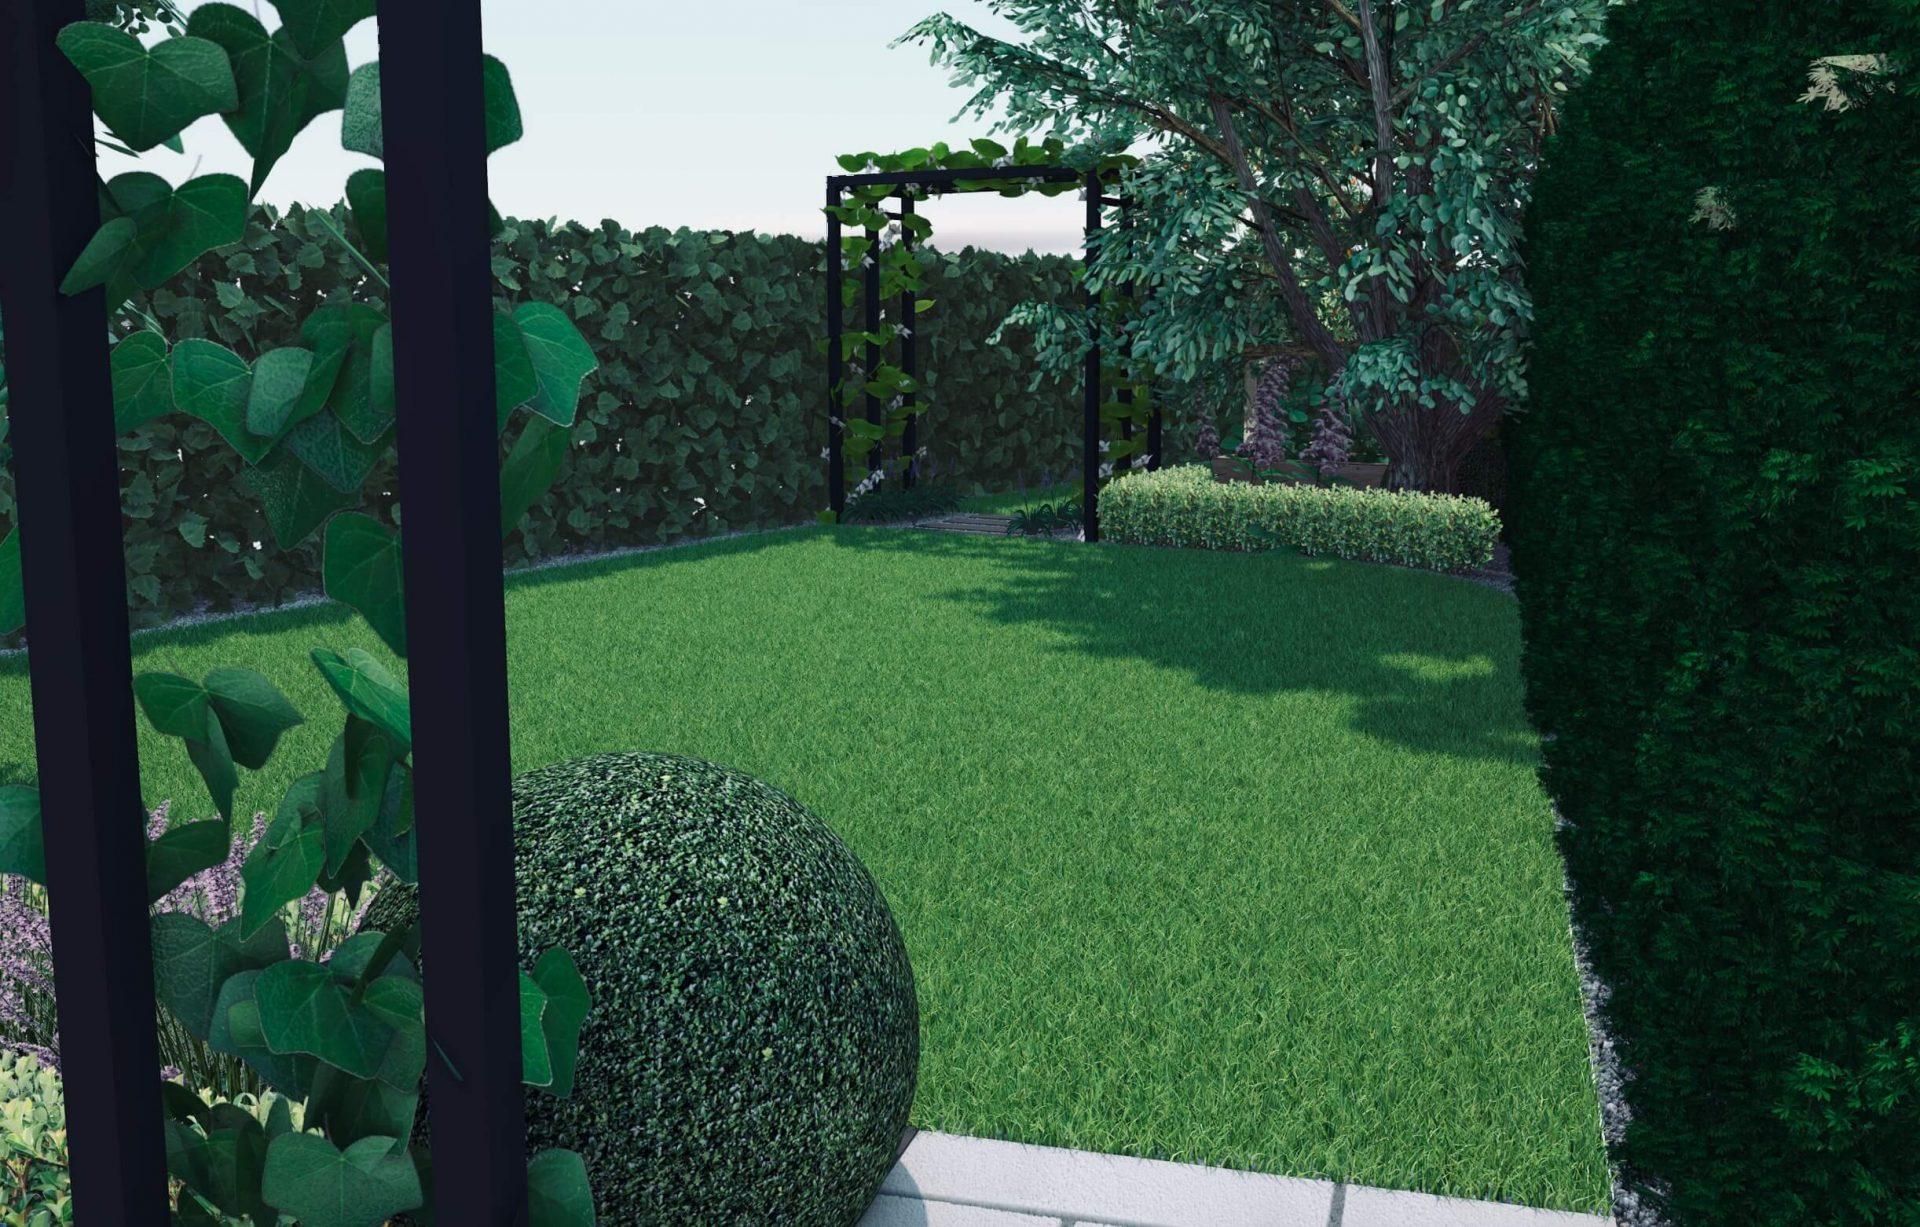 Wizualizacja ogrodu, projekt ogrodu, kula bukszpanowa, metalowa pergola, żywopłoty